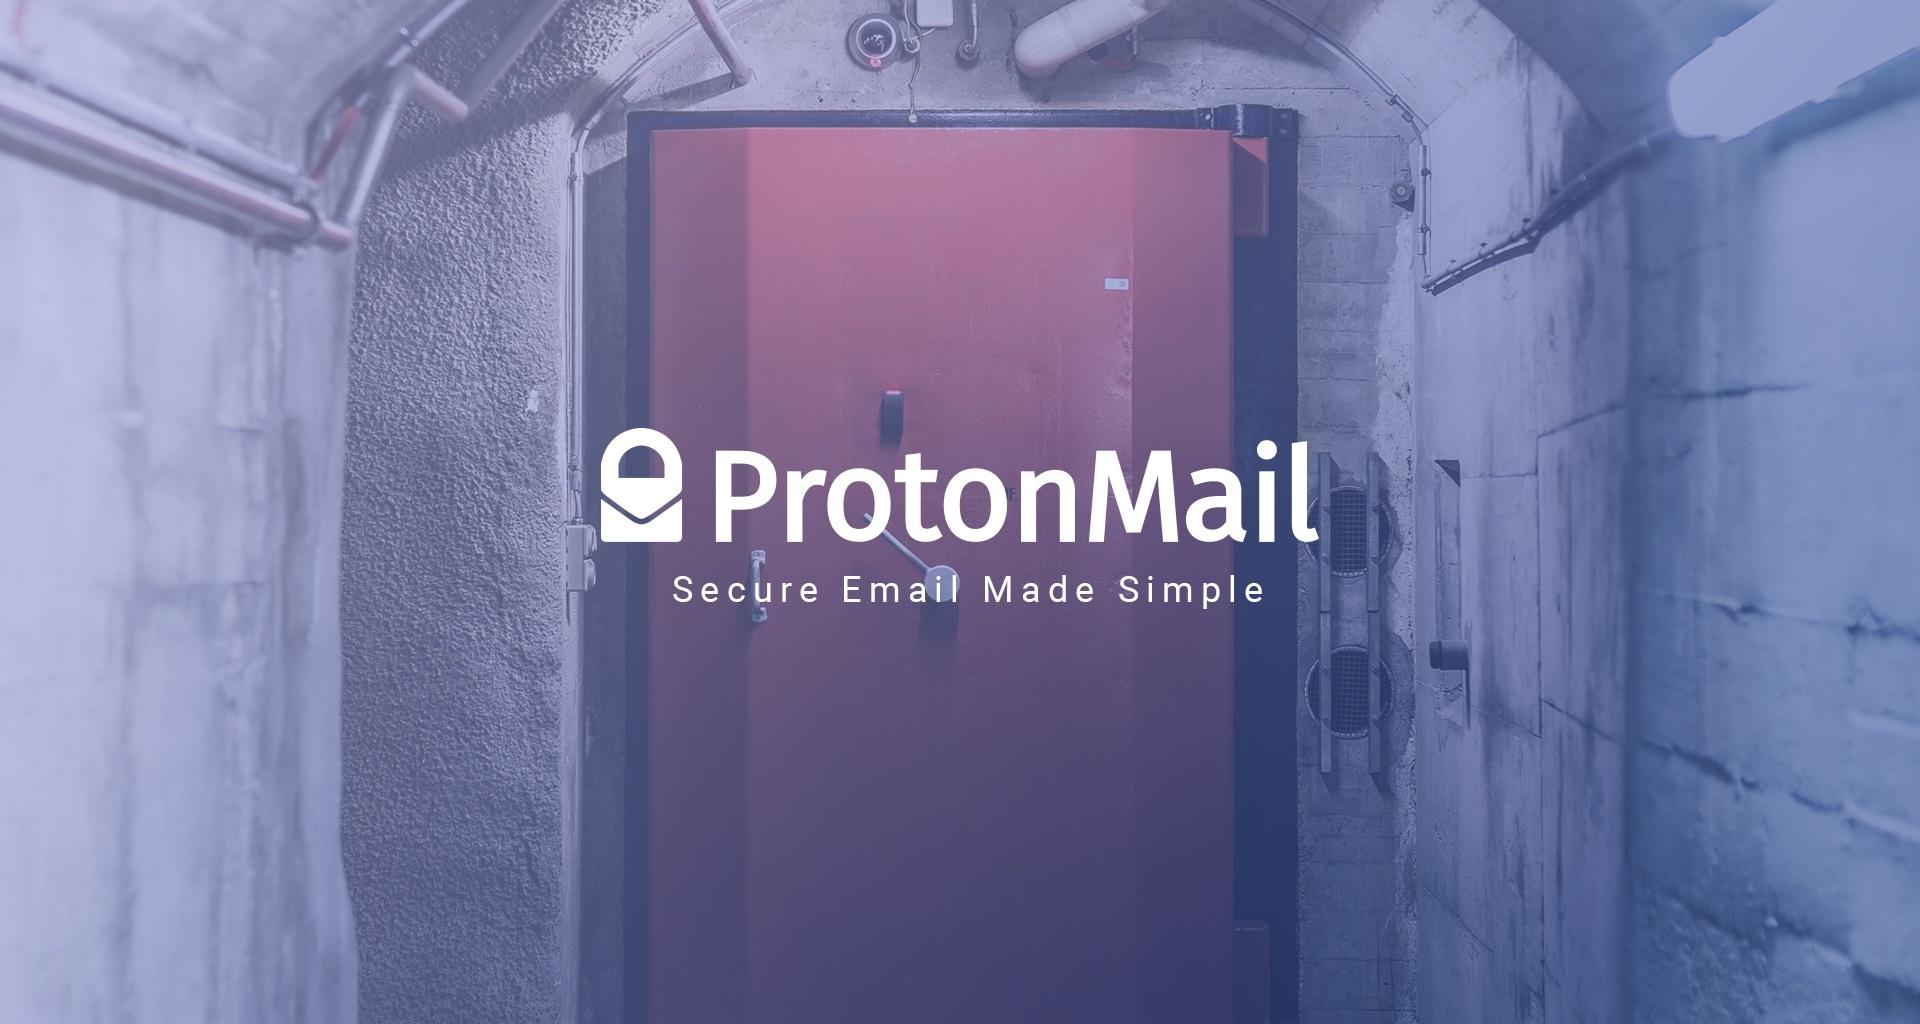 protonmail-corporate-door.jpg